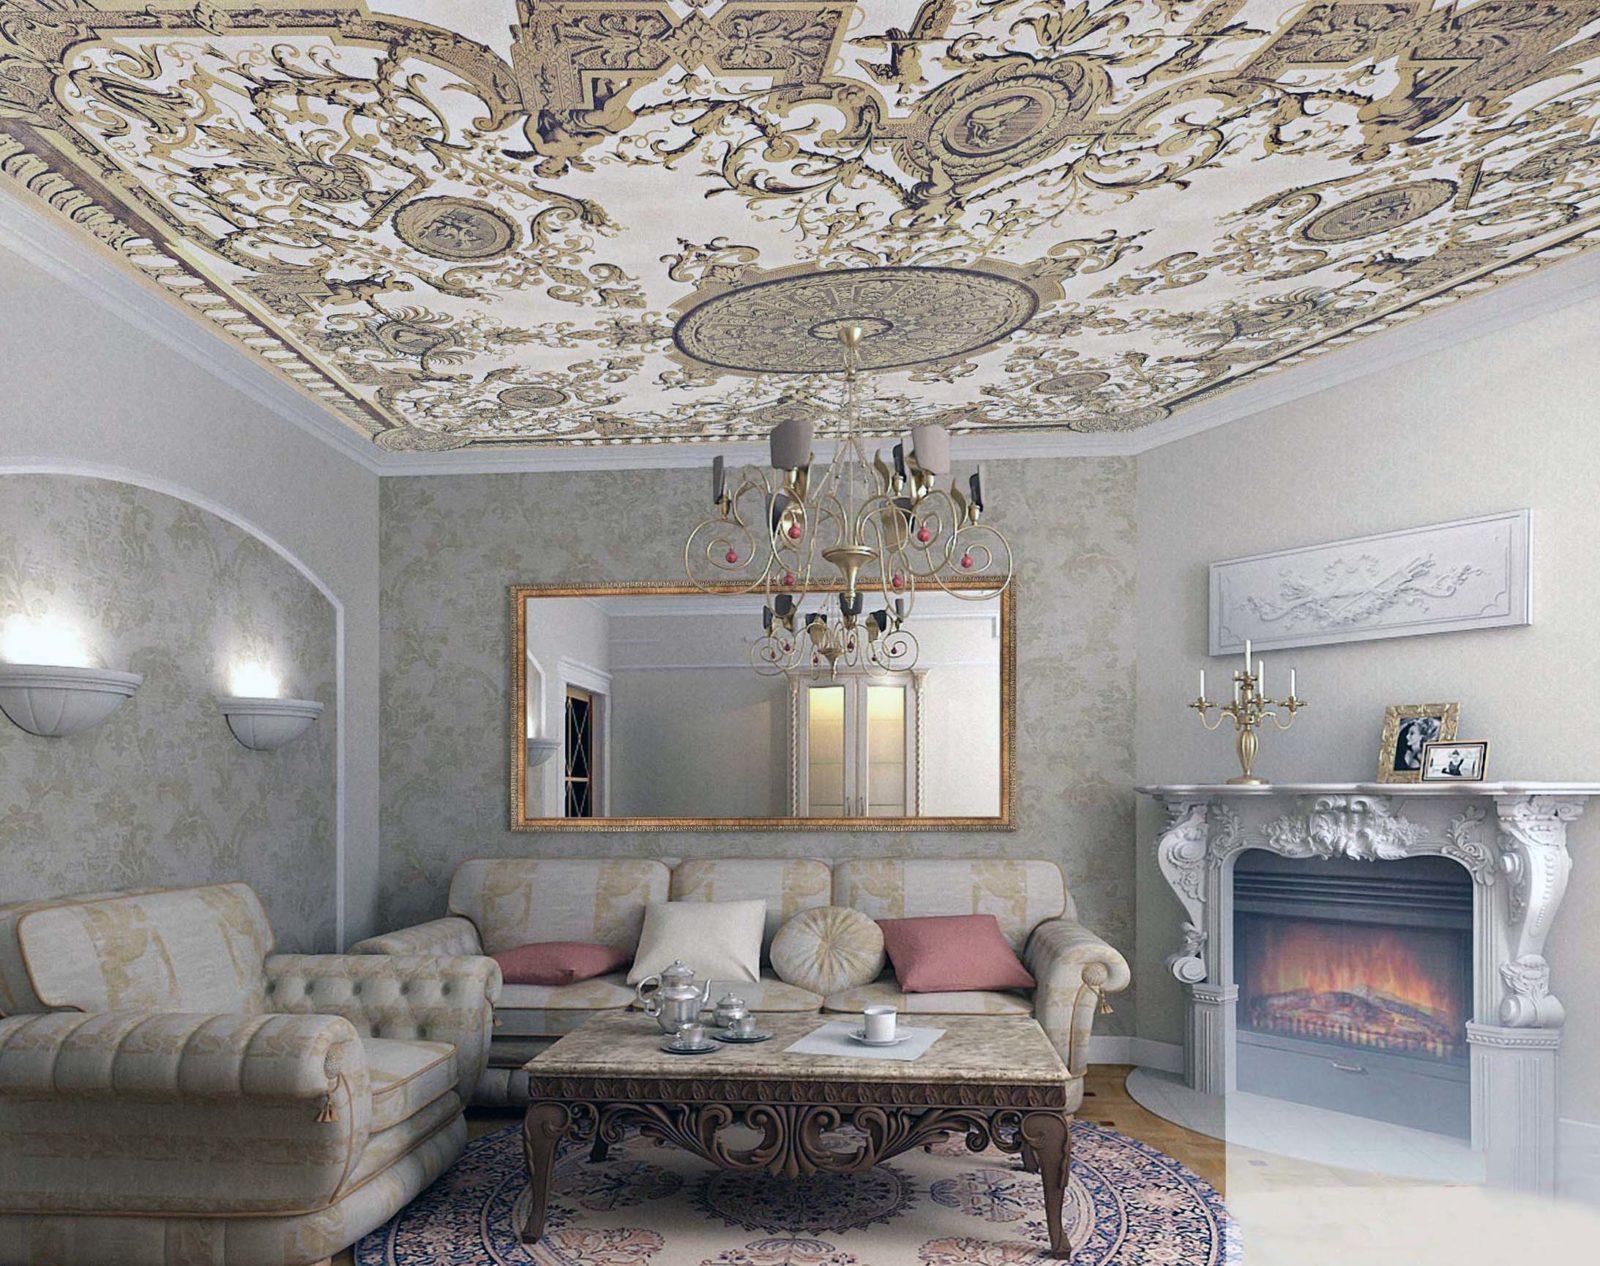 Стиль ренессанс. Интерьер.Архитектурный стиль ренесанс.Фото и описание.